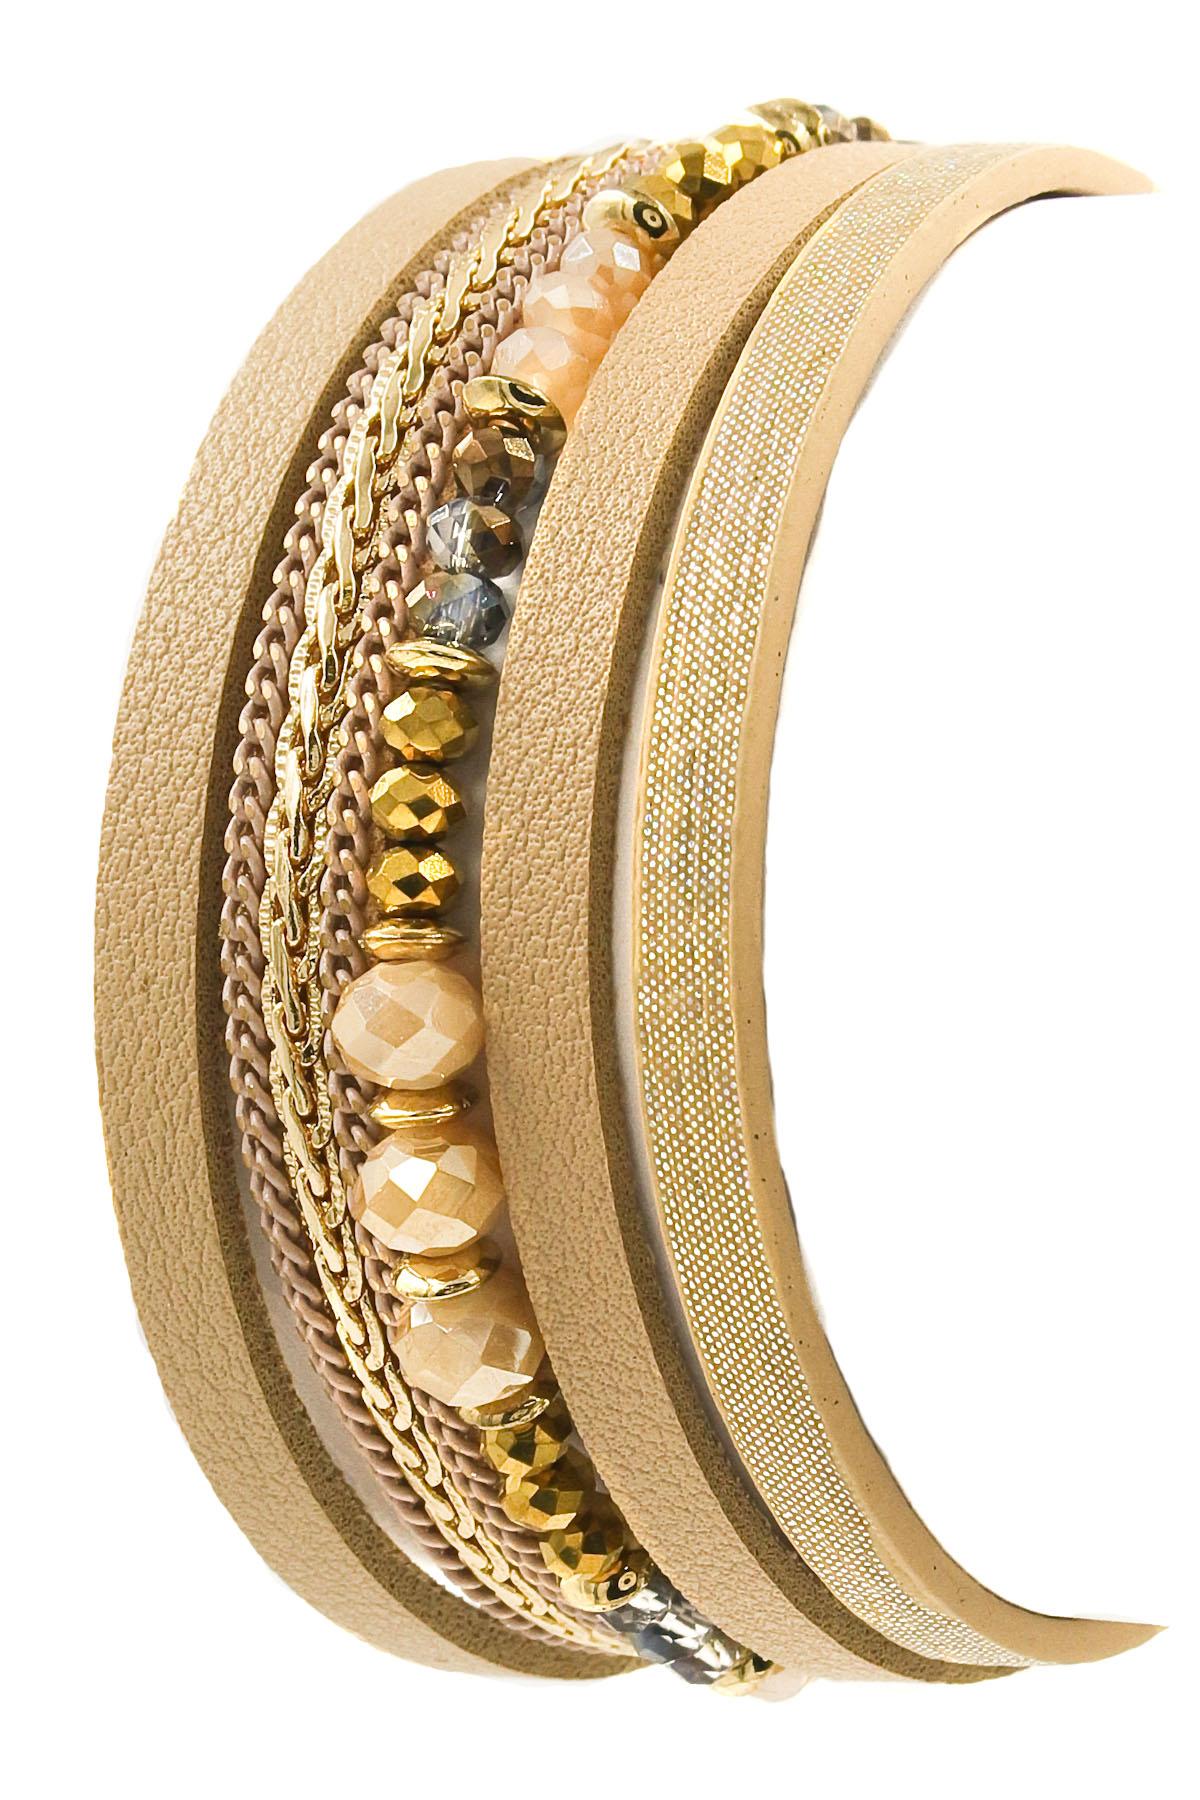 Faux Leather Faceted Bead Bracelet Bracelets